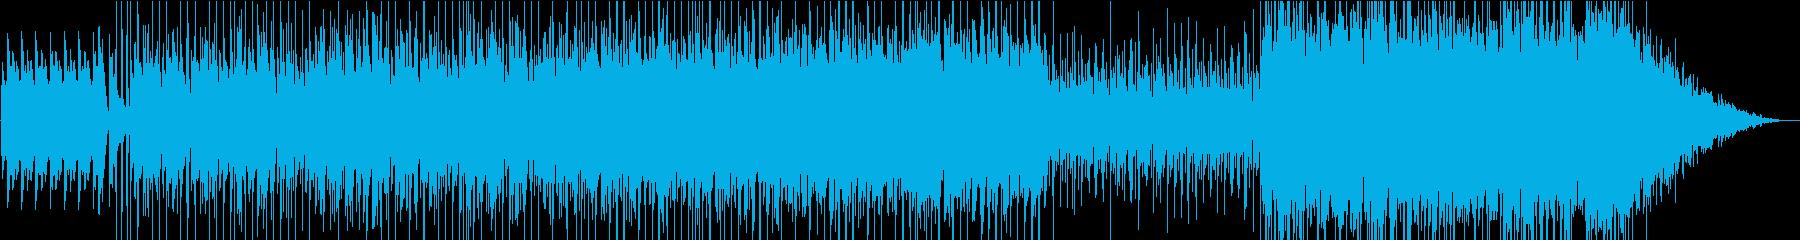 ラテン系のポップスの再生済みの波形